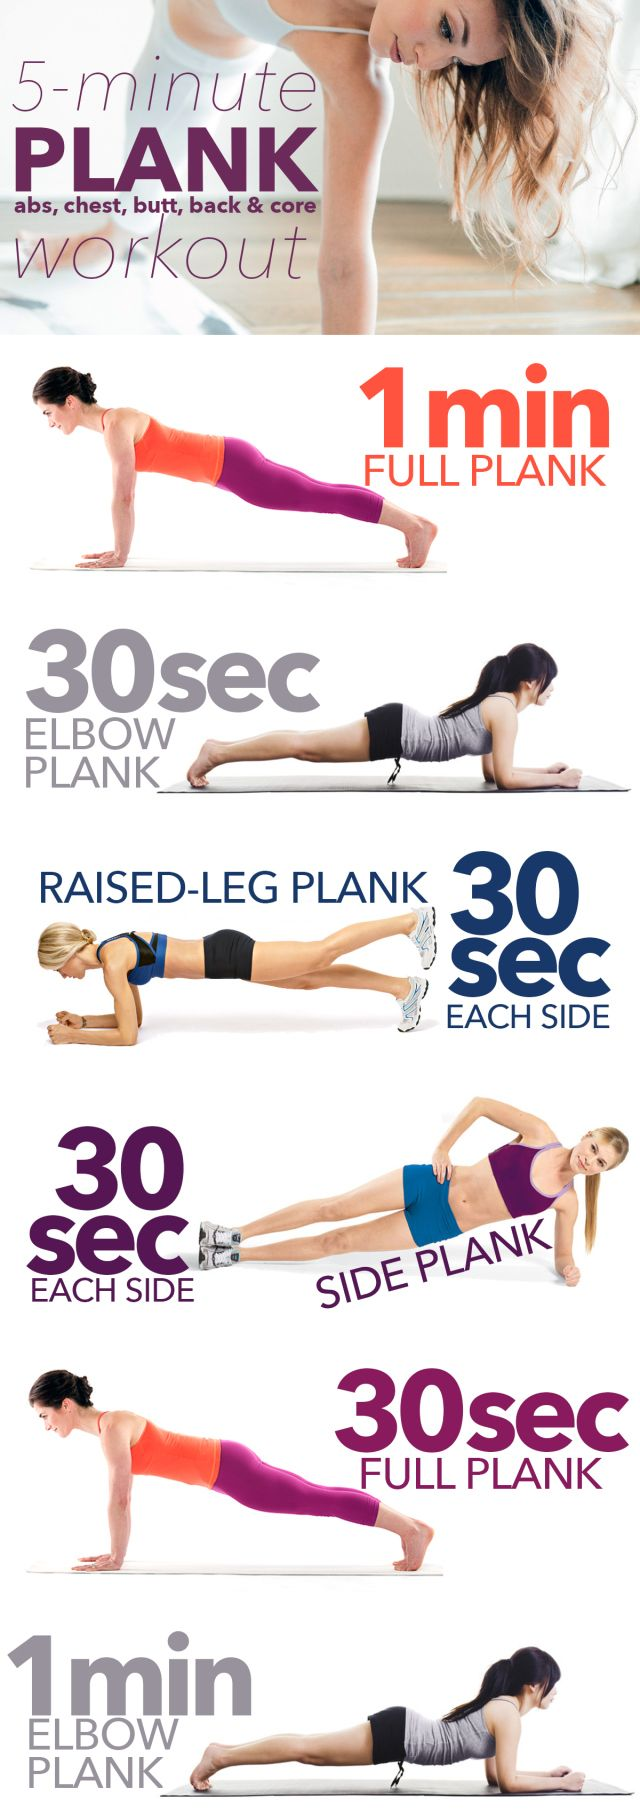 Pour se concentrer sur les mouvements et sentir les muscles travailler, rien de mieux que 5 minutes d'exercices statiques.